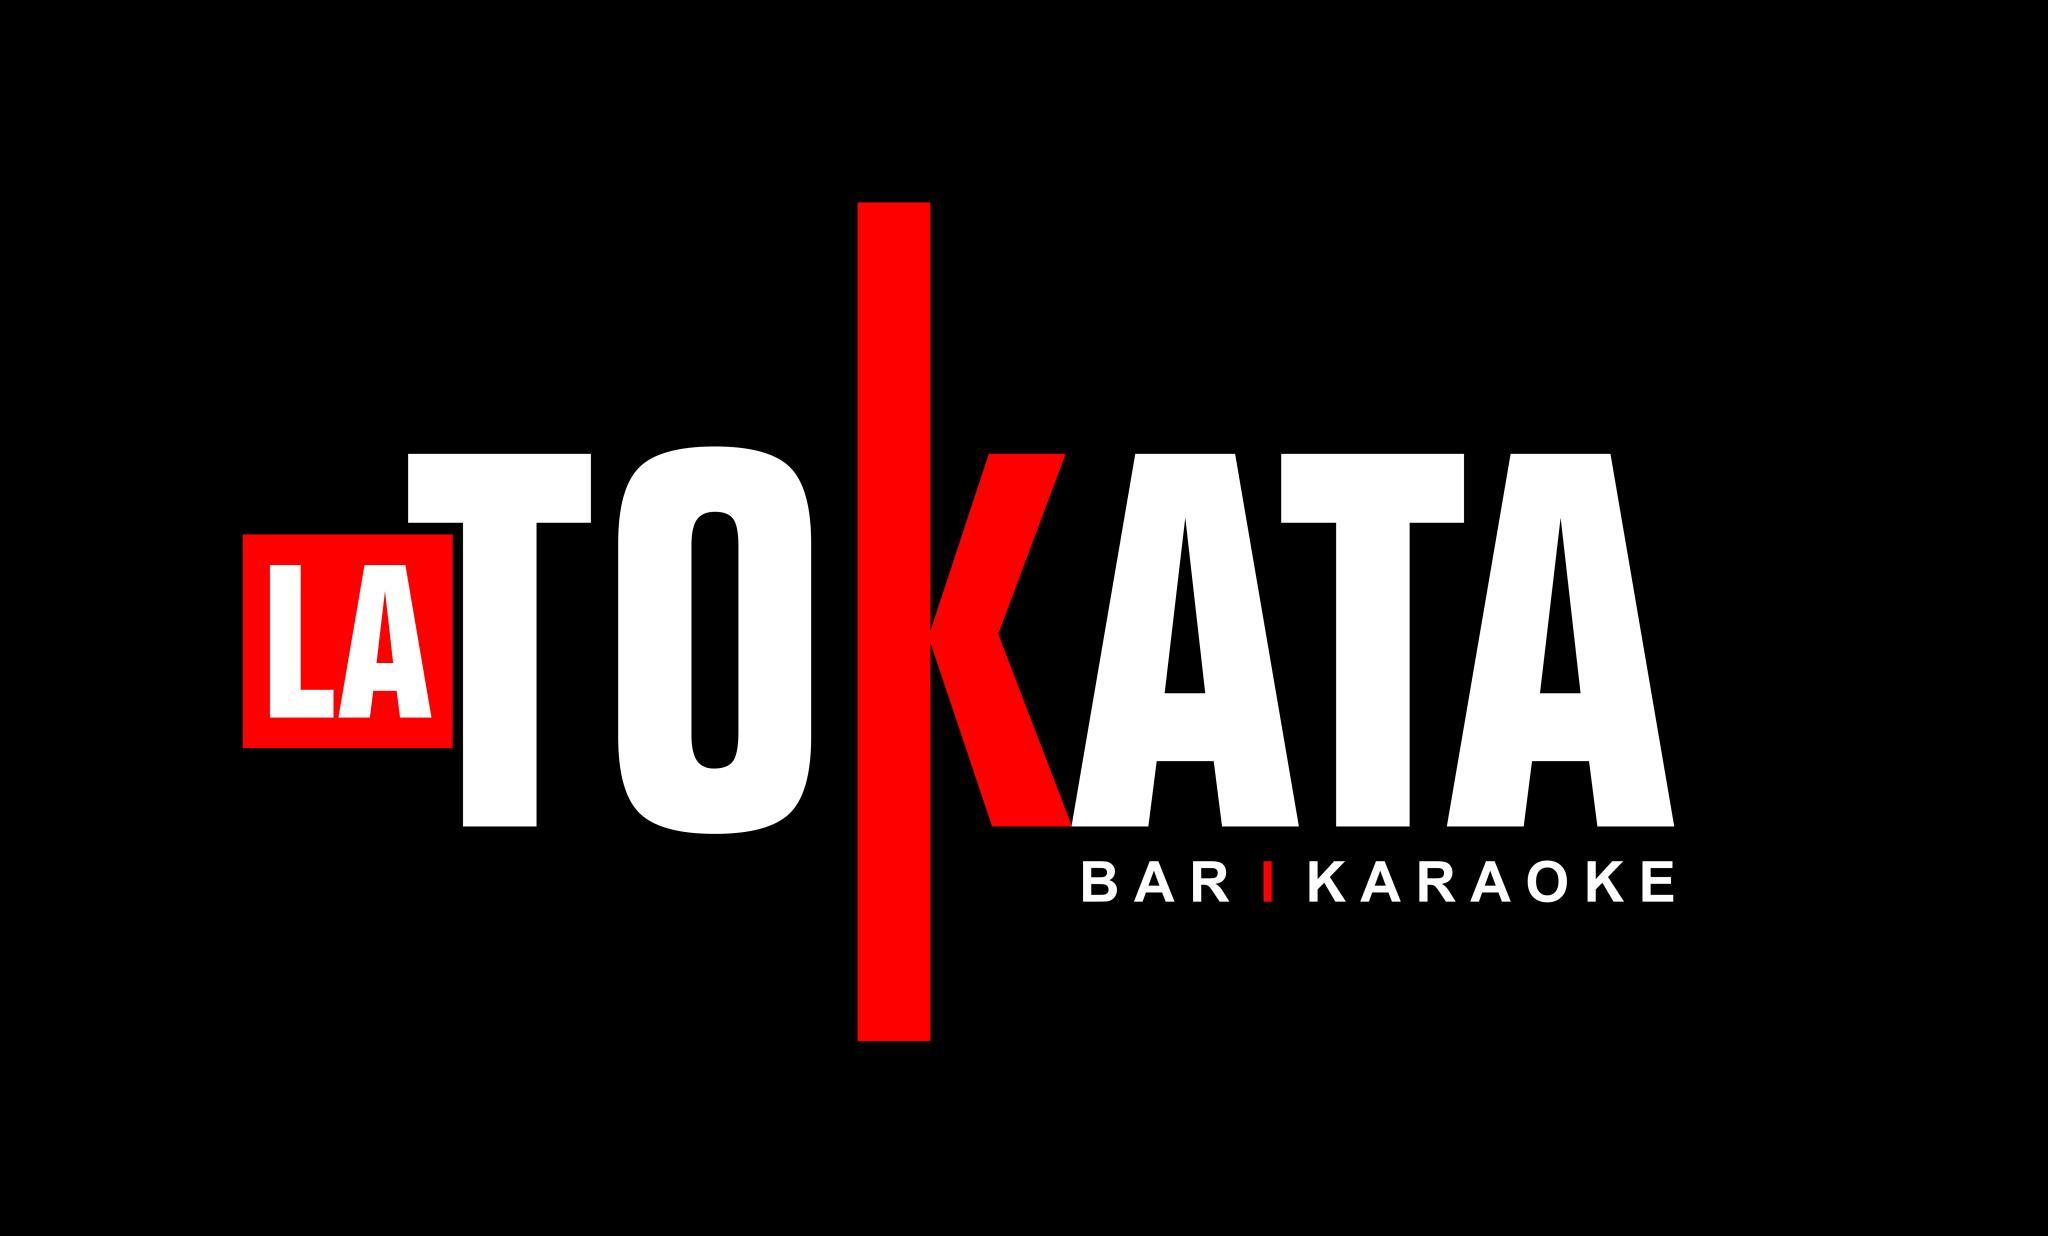 La Tokata Karaoke Bar